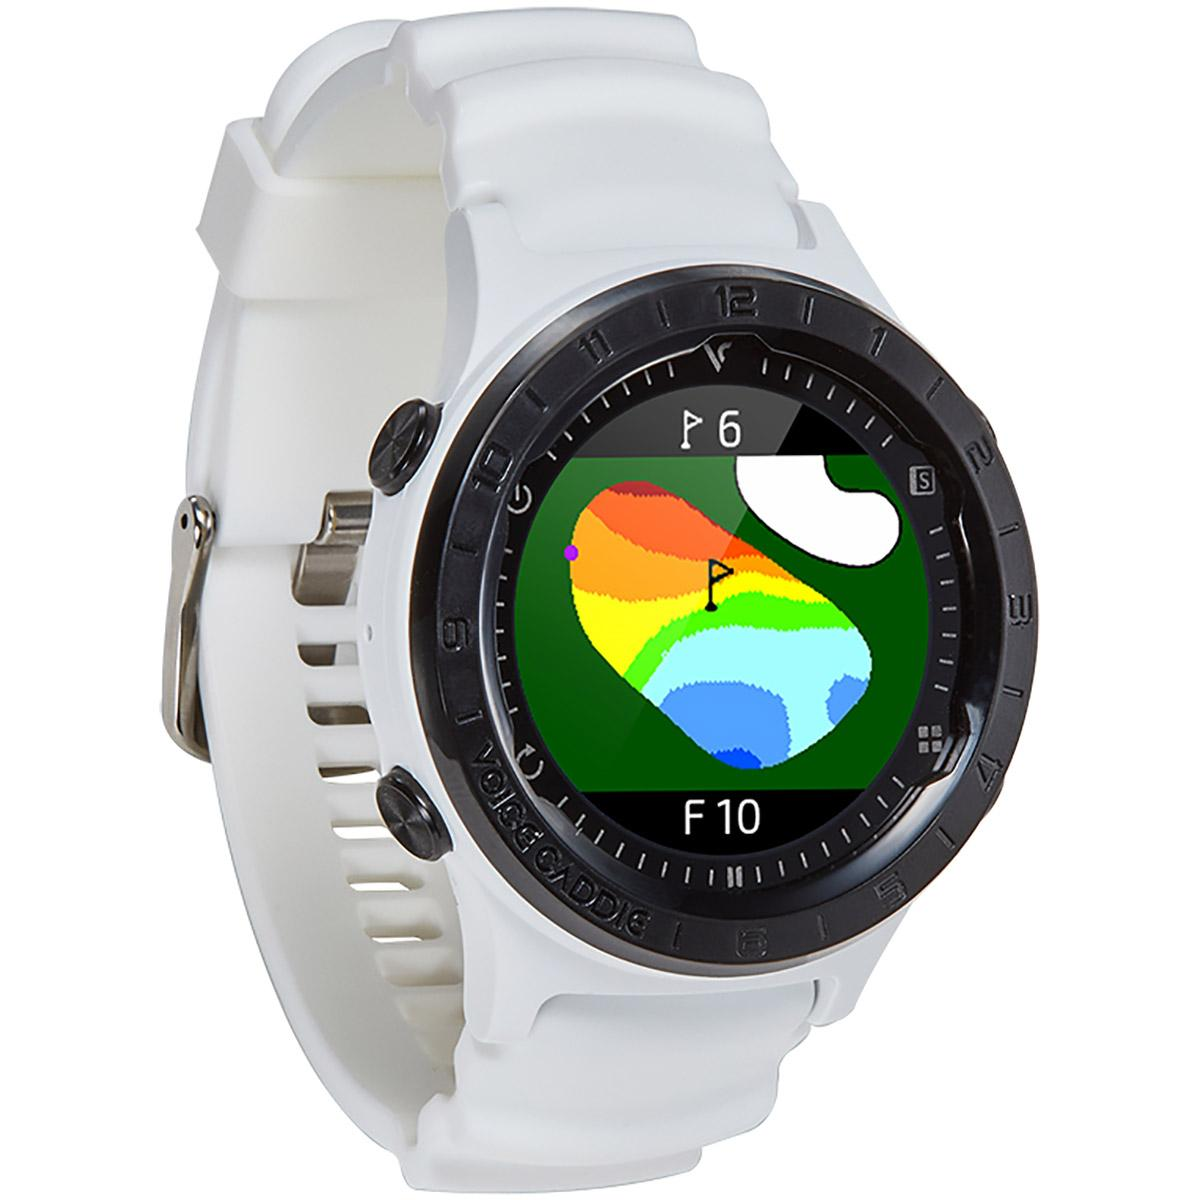 感謝価格 13時までの注文であす楽対応 土日祝も出荷可 価格 交渉 送料無料 GPS 腕時計型 ボイスキャディ Voice Caddie A2 送料無料 2021年 ナビ 距離計 距離測定器 ゴルフ カラー 距離計測器